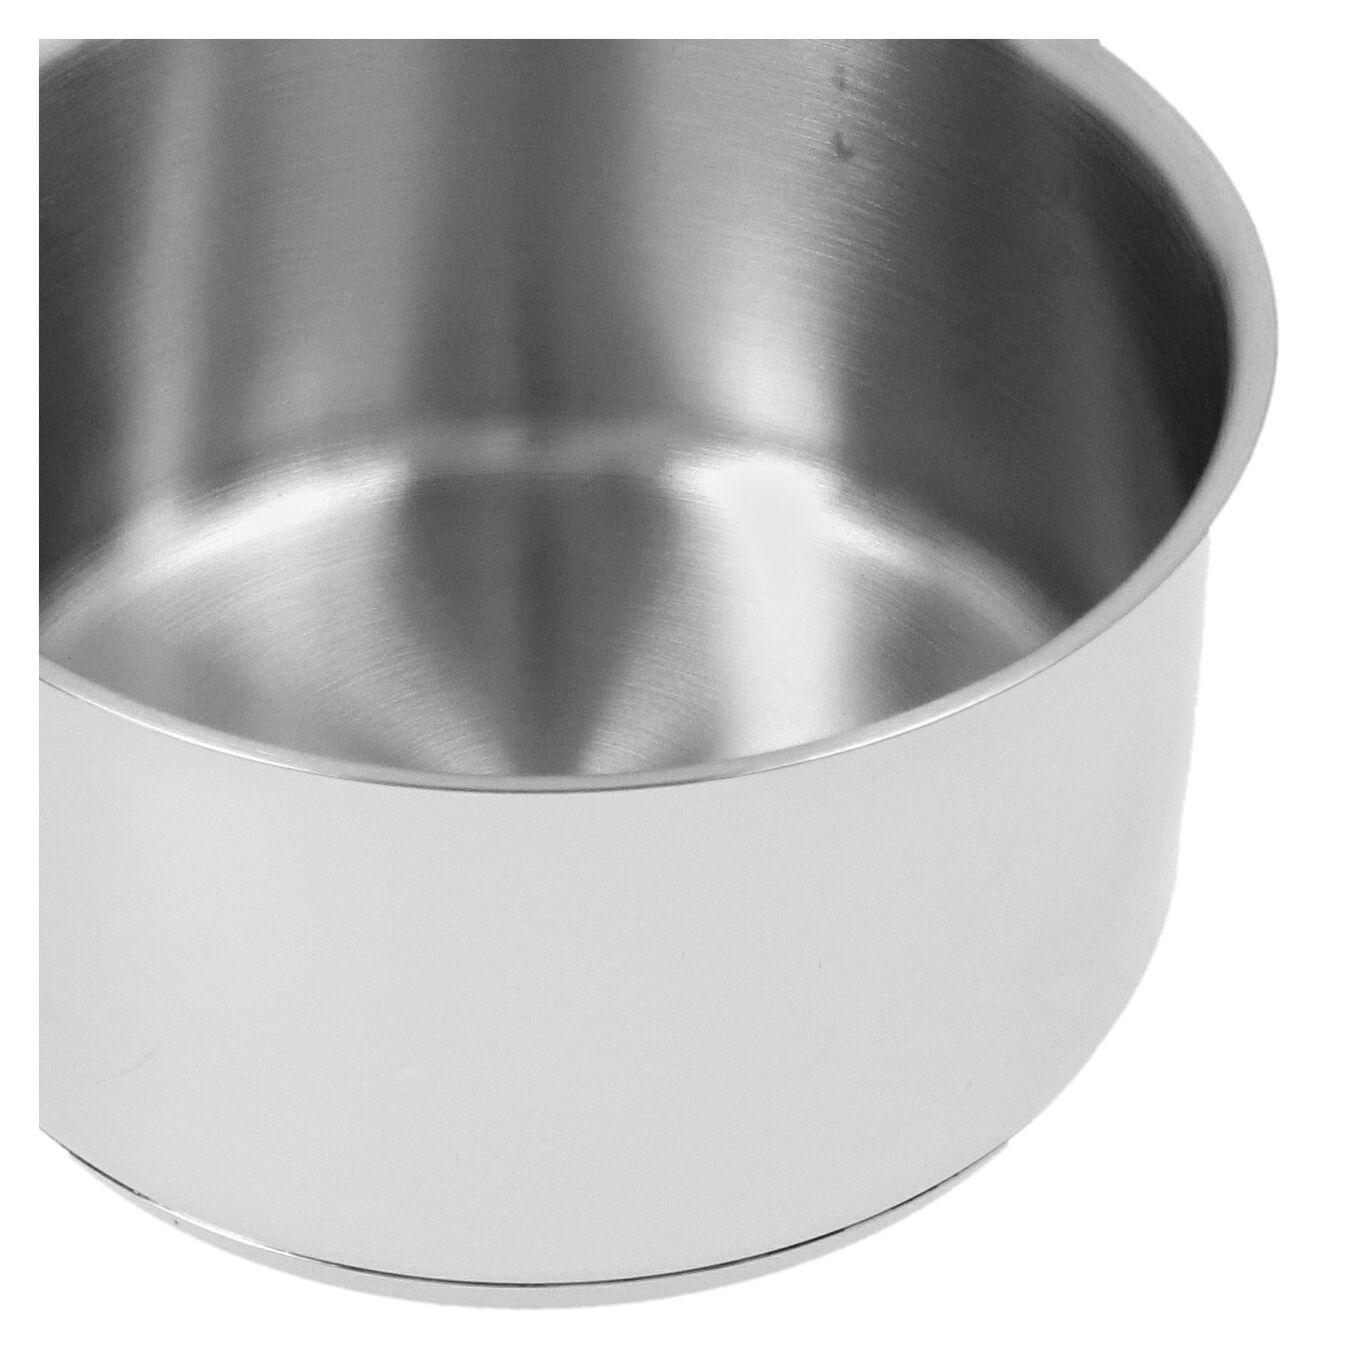 Casseruola con manico senza coperchio - 12 cm, 18/10 Acciaio inossidabile,,large 5